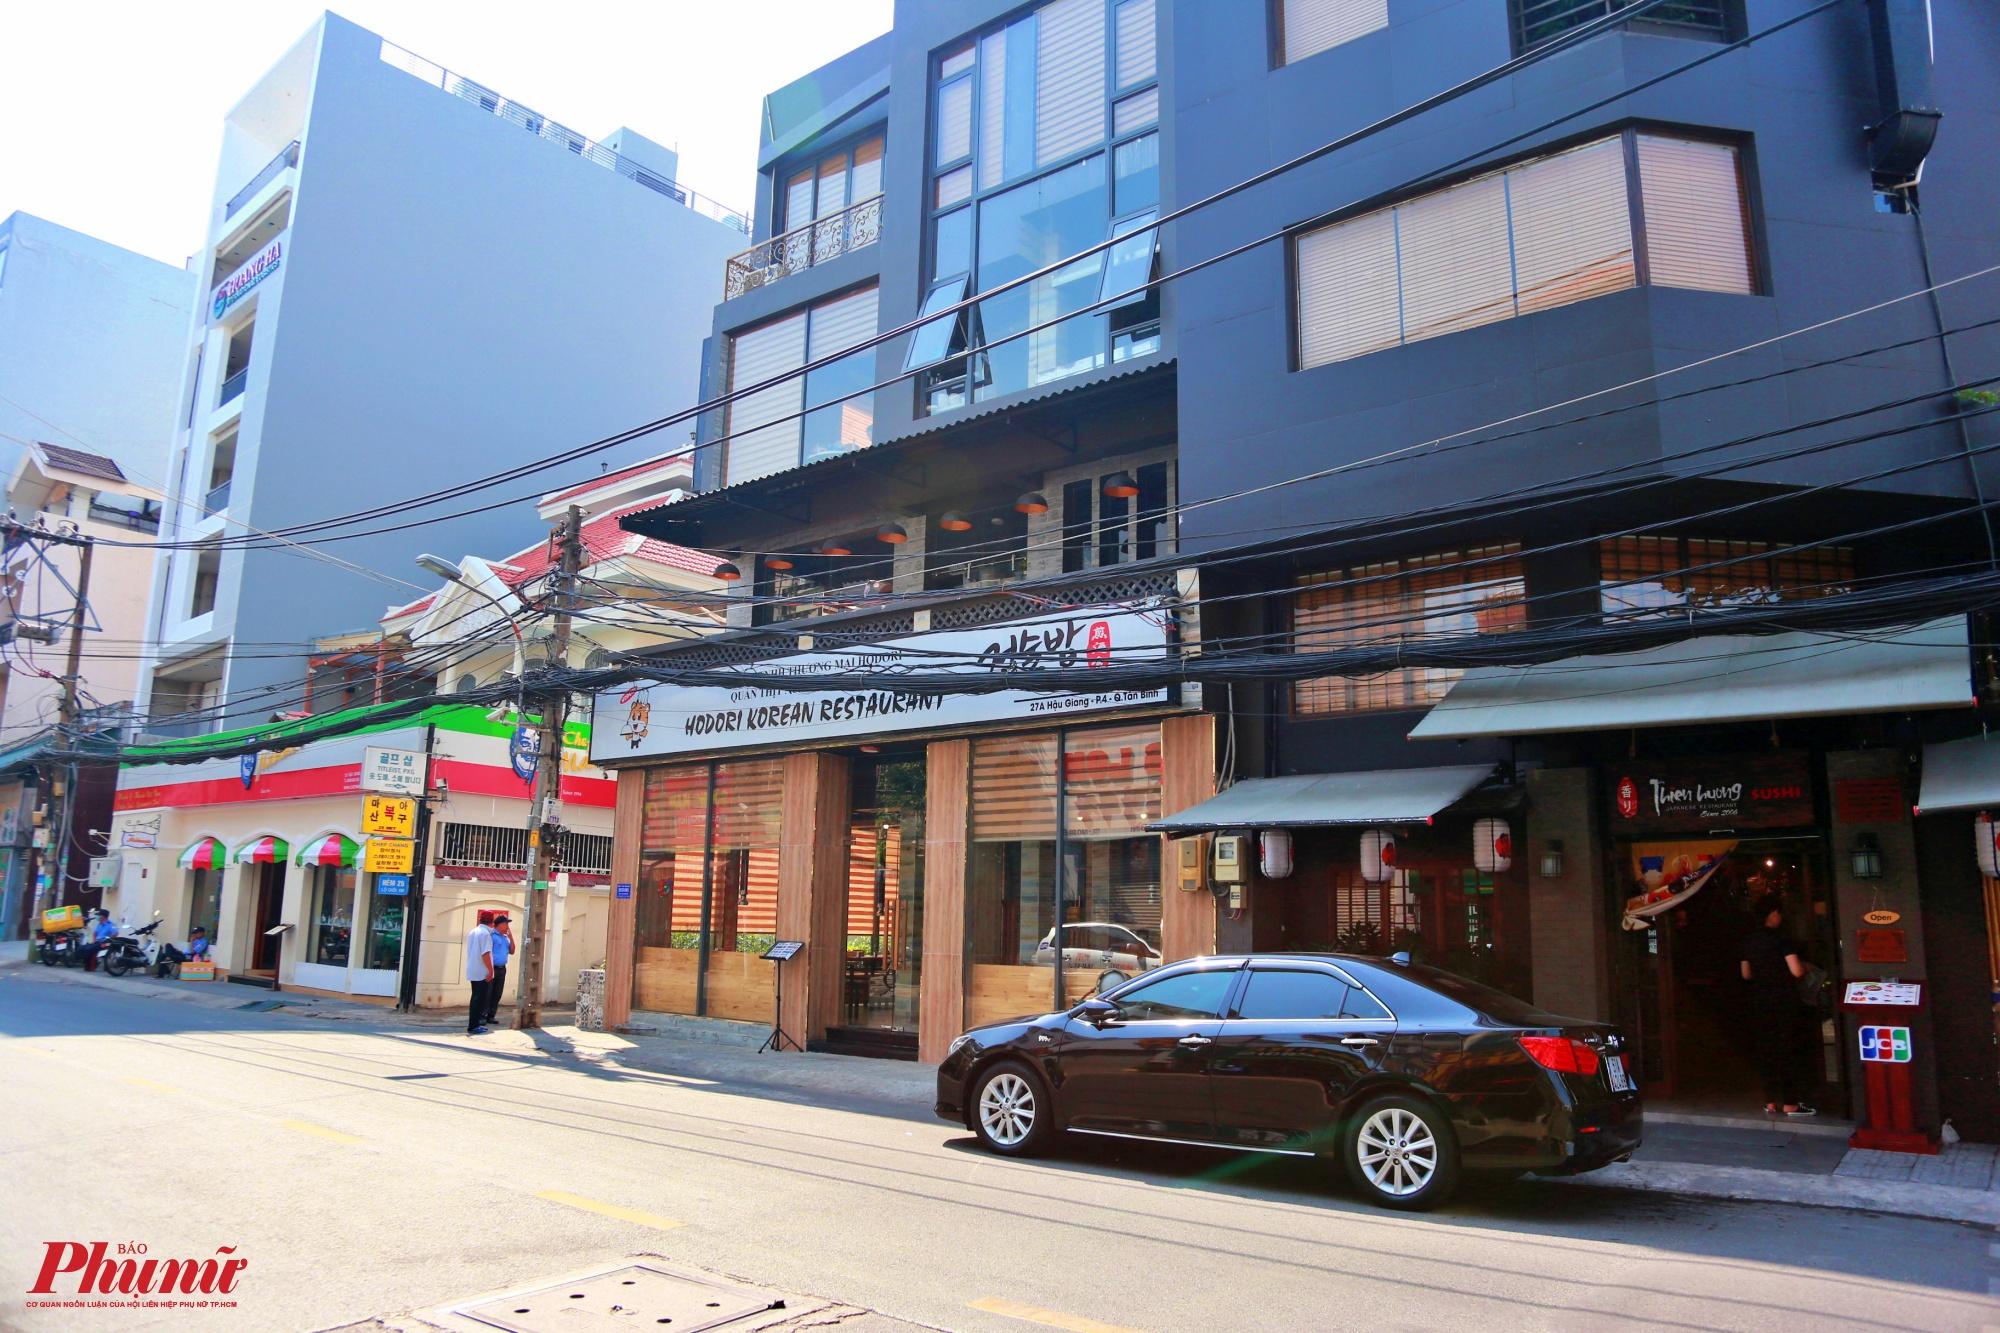 Khu phố Hàn Quốc dài khoảng 500m nằm trên đường Hậu Giang bắt đầu bằng một siêu thị bán đầy đủ các mặt hàng đến từ Hàn Quốc từ mỹ phẩm, thực phẩm đến đồ gia dụng, khác với cảnh đông đúc tấp nập thì nay trở nên vắng vẻ đến lạ thường